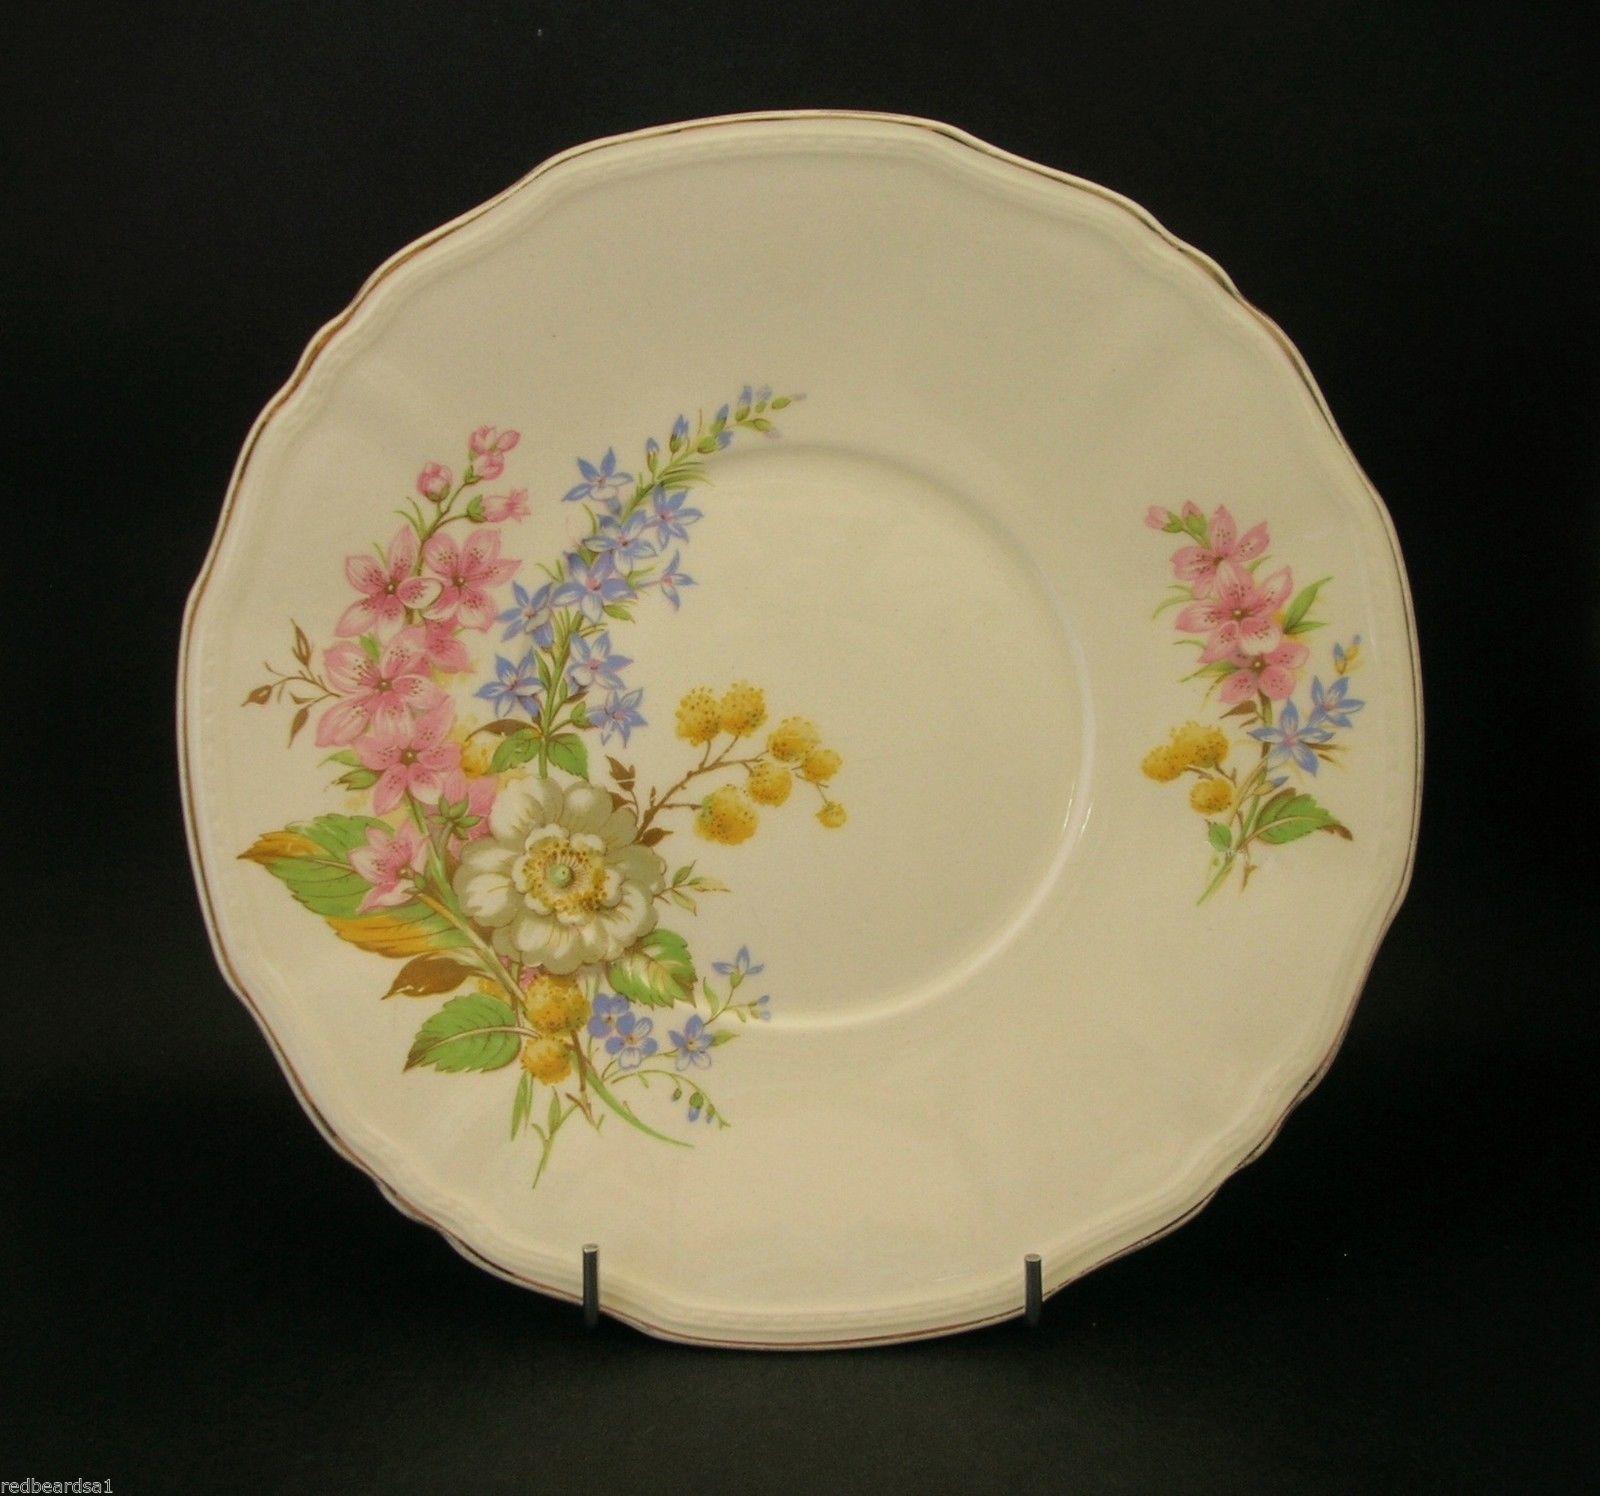 //.ebay.com.au/itm/Alfred- · Alfred MeakinVintage CrockeryVintage ... & http://www.ebay.com.au/itm/Alfred-Meakin-Vintage-Floral-China-Cake ...